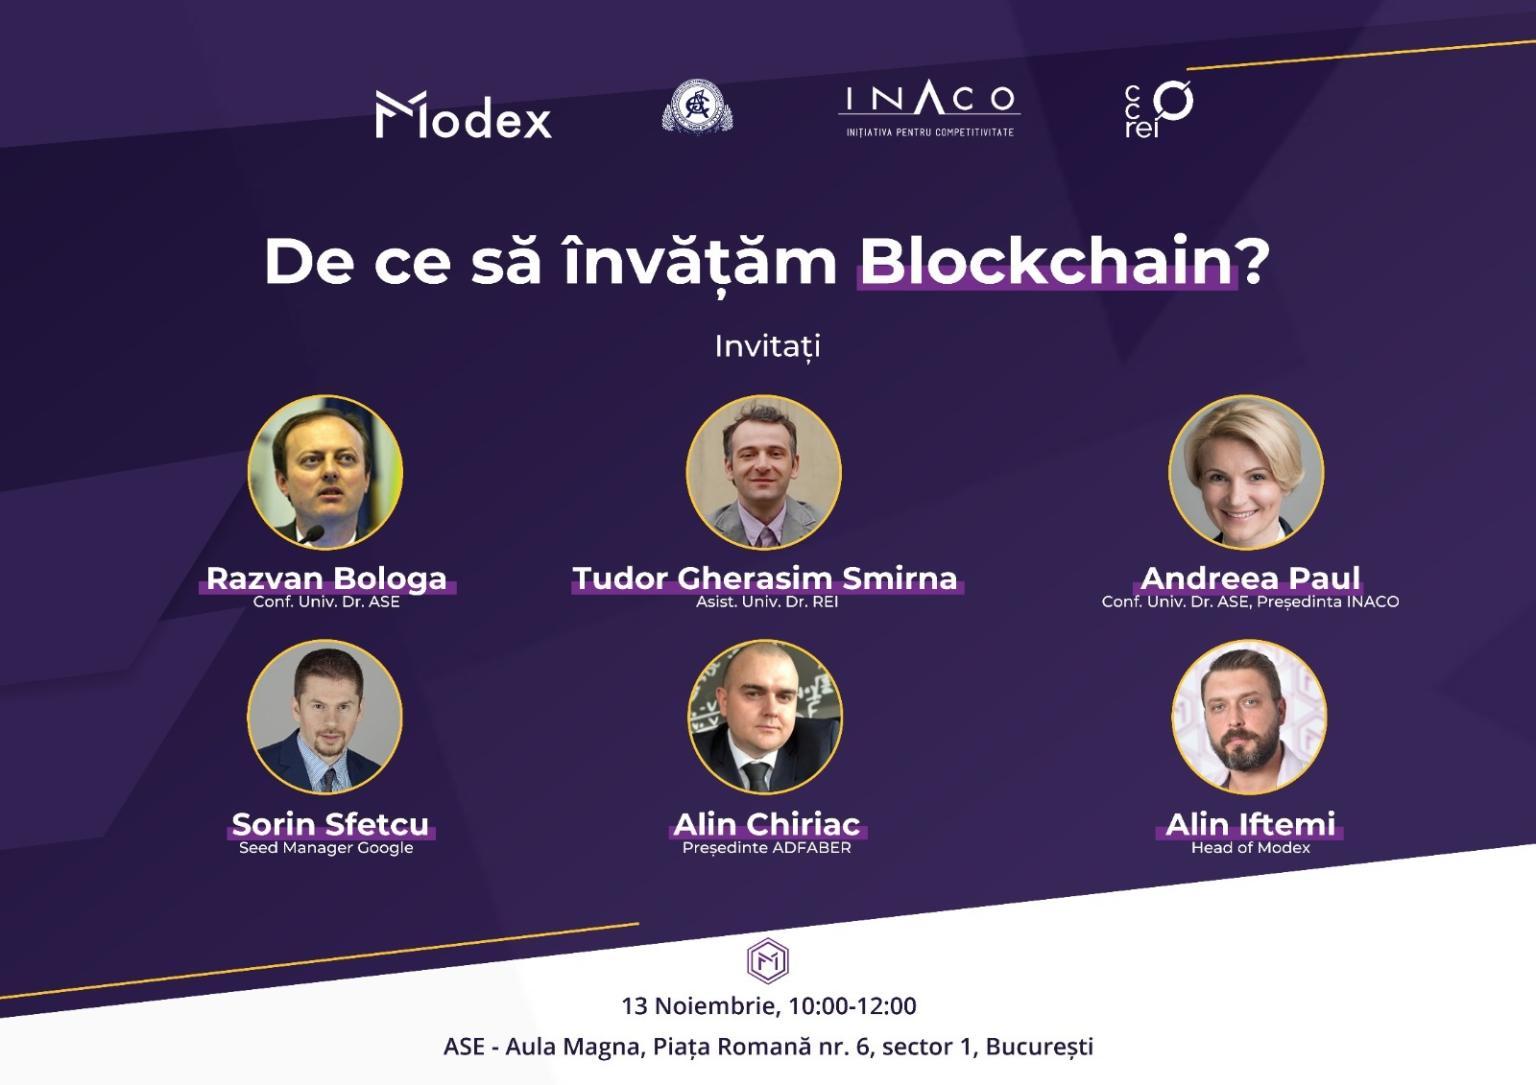 De ce să învățăm Blockchain?